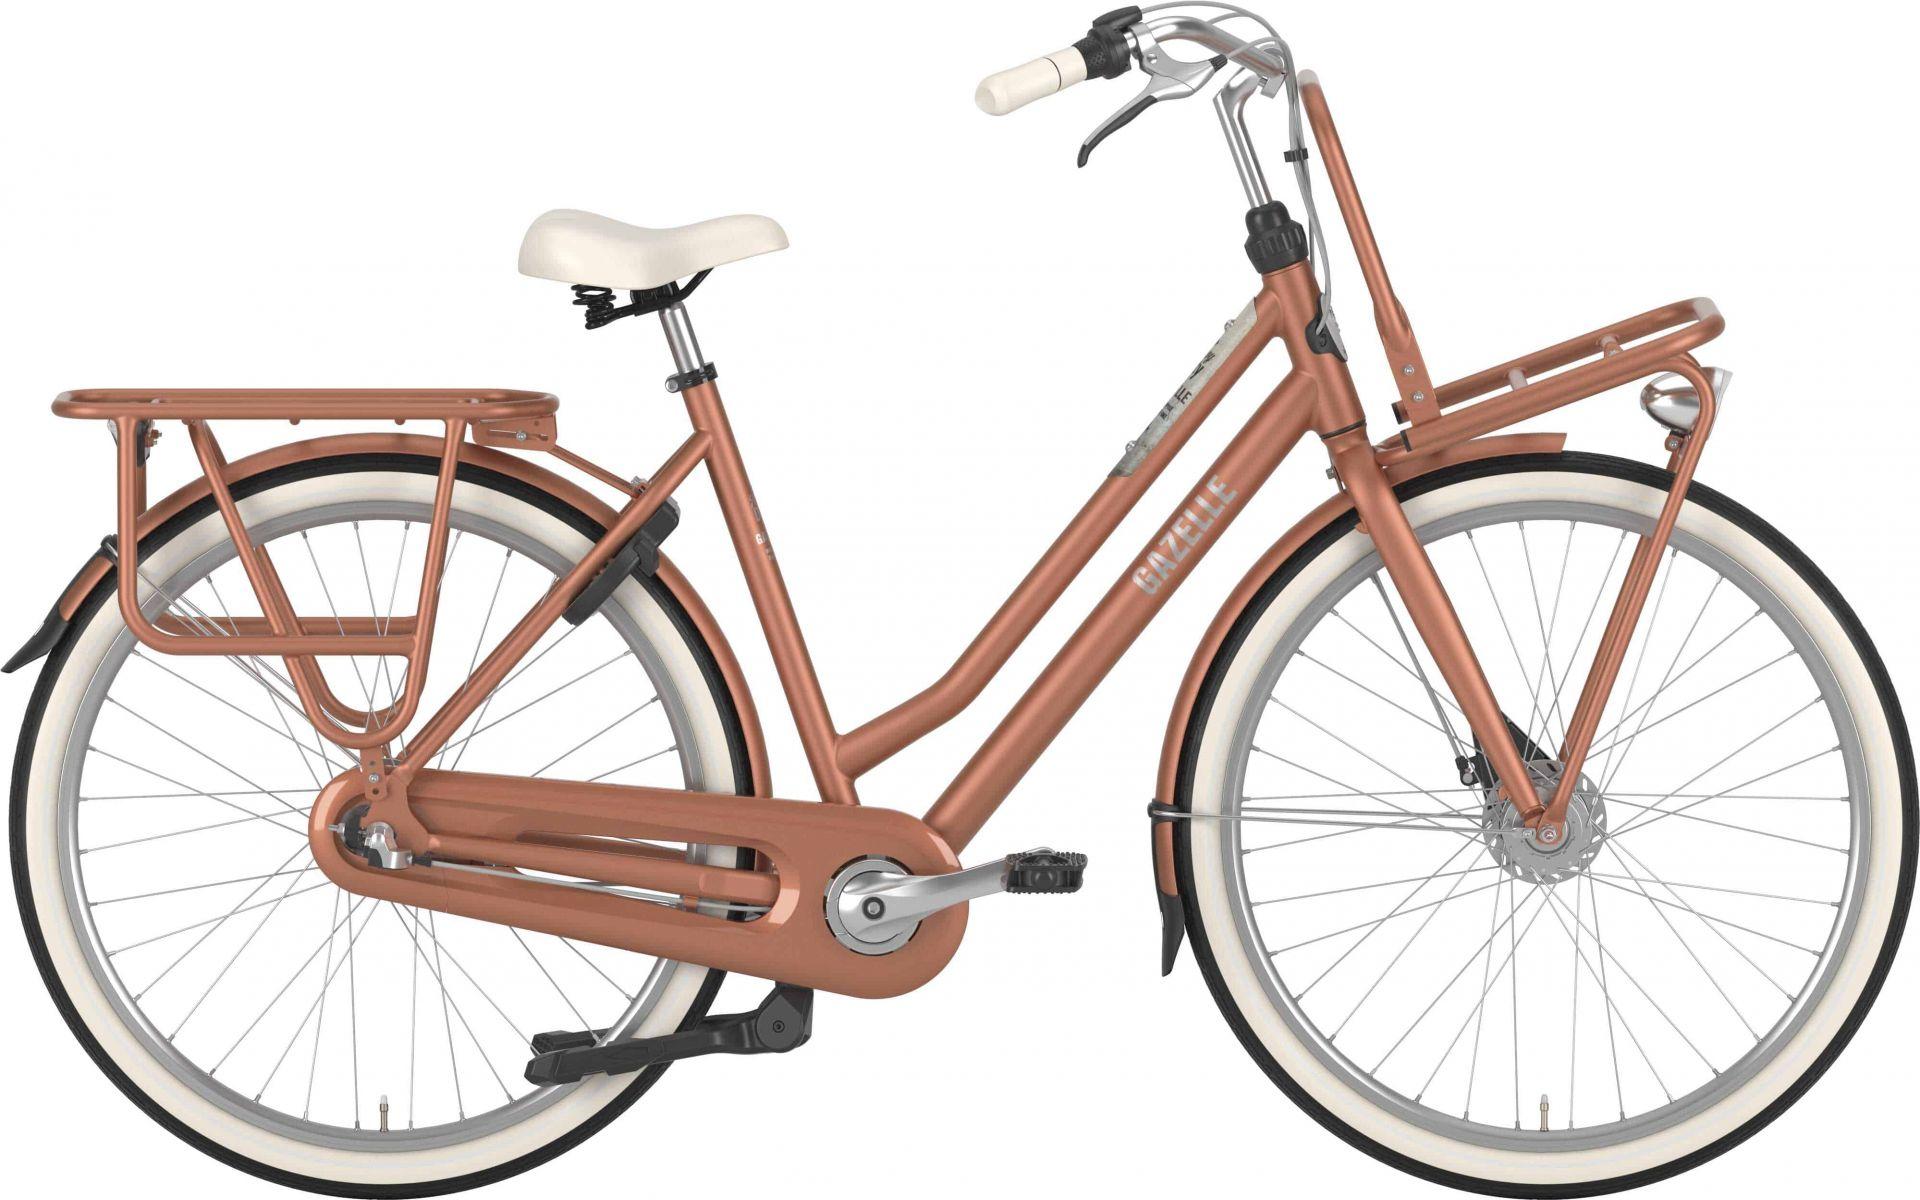 Pedalatleten Gazelle Heavyduty Dame Copper T7 - 2020 Cykler||Gazelle